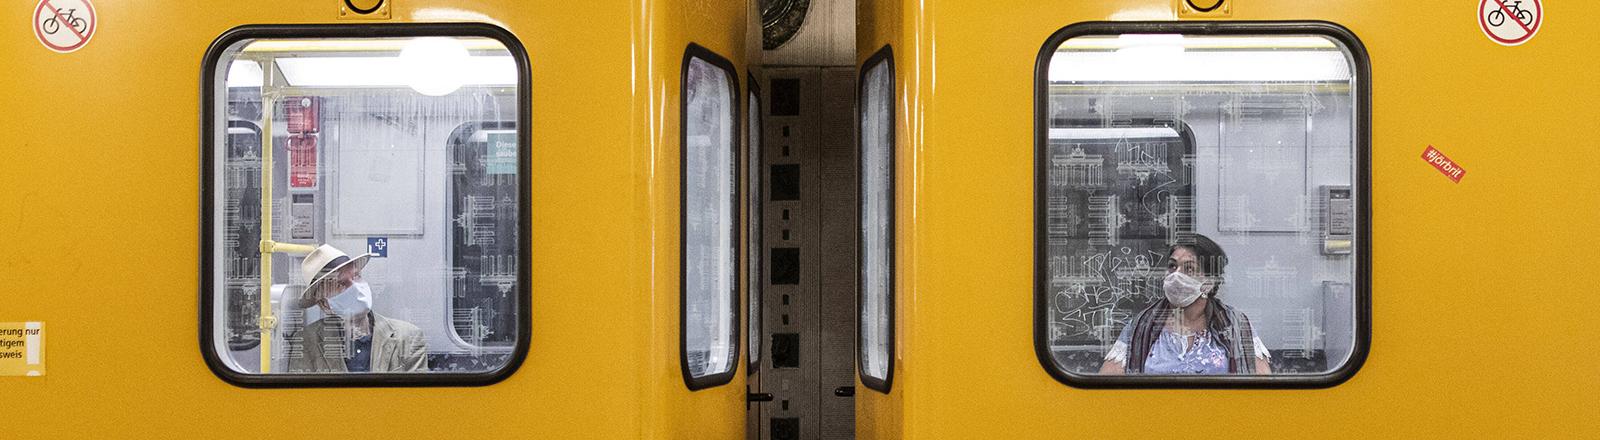 Zwei Waggons der Berliner U-Bahn. In beiden sitzt je ein Fahrgast mit Mund-Nase-Schutz.